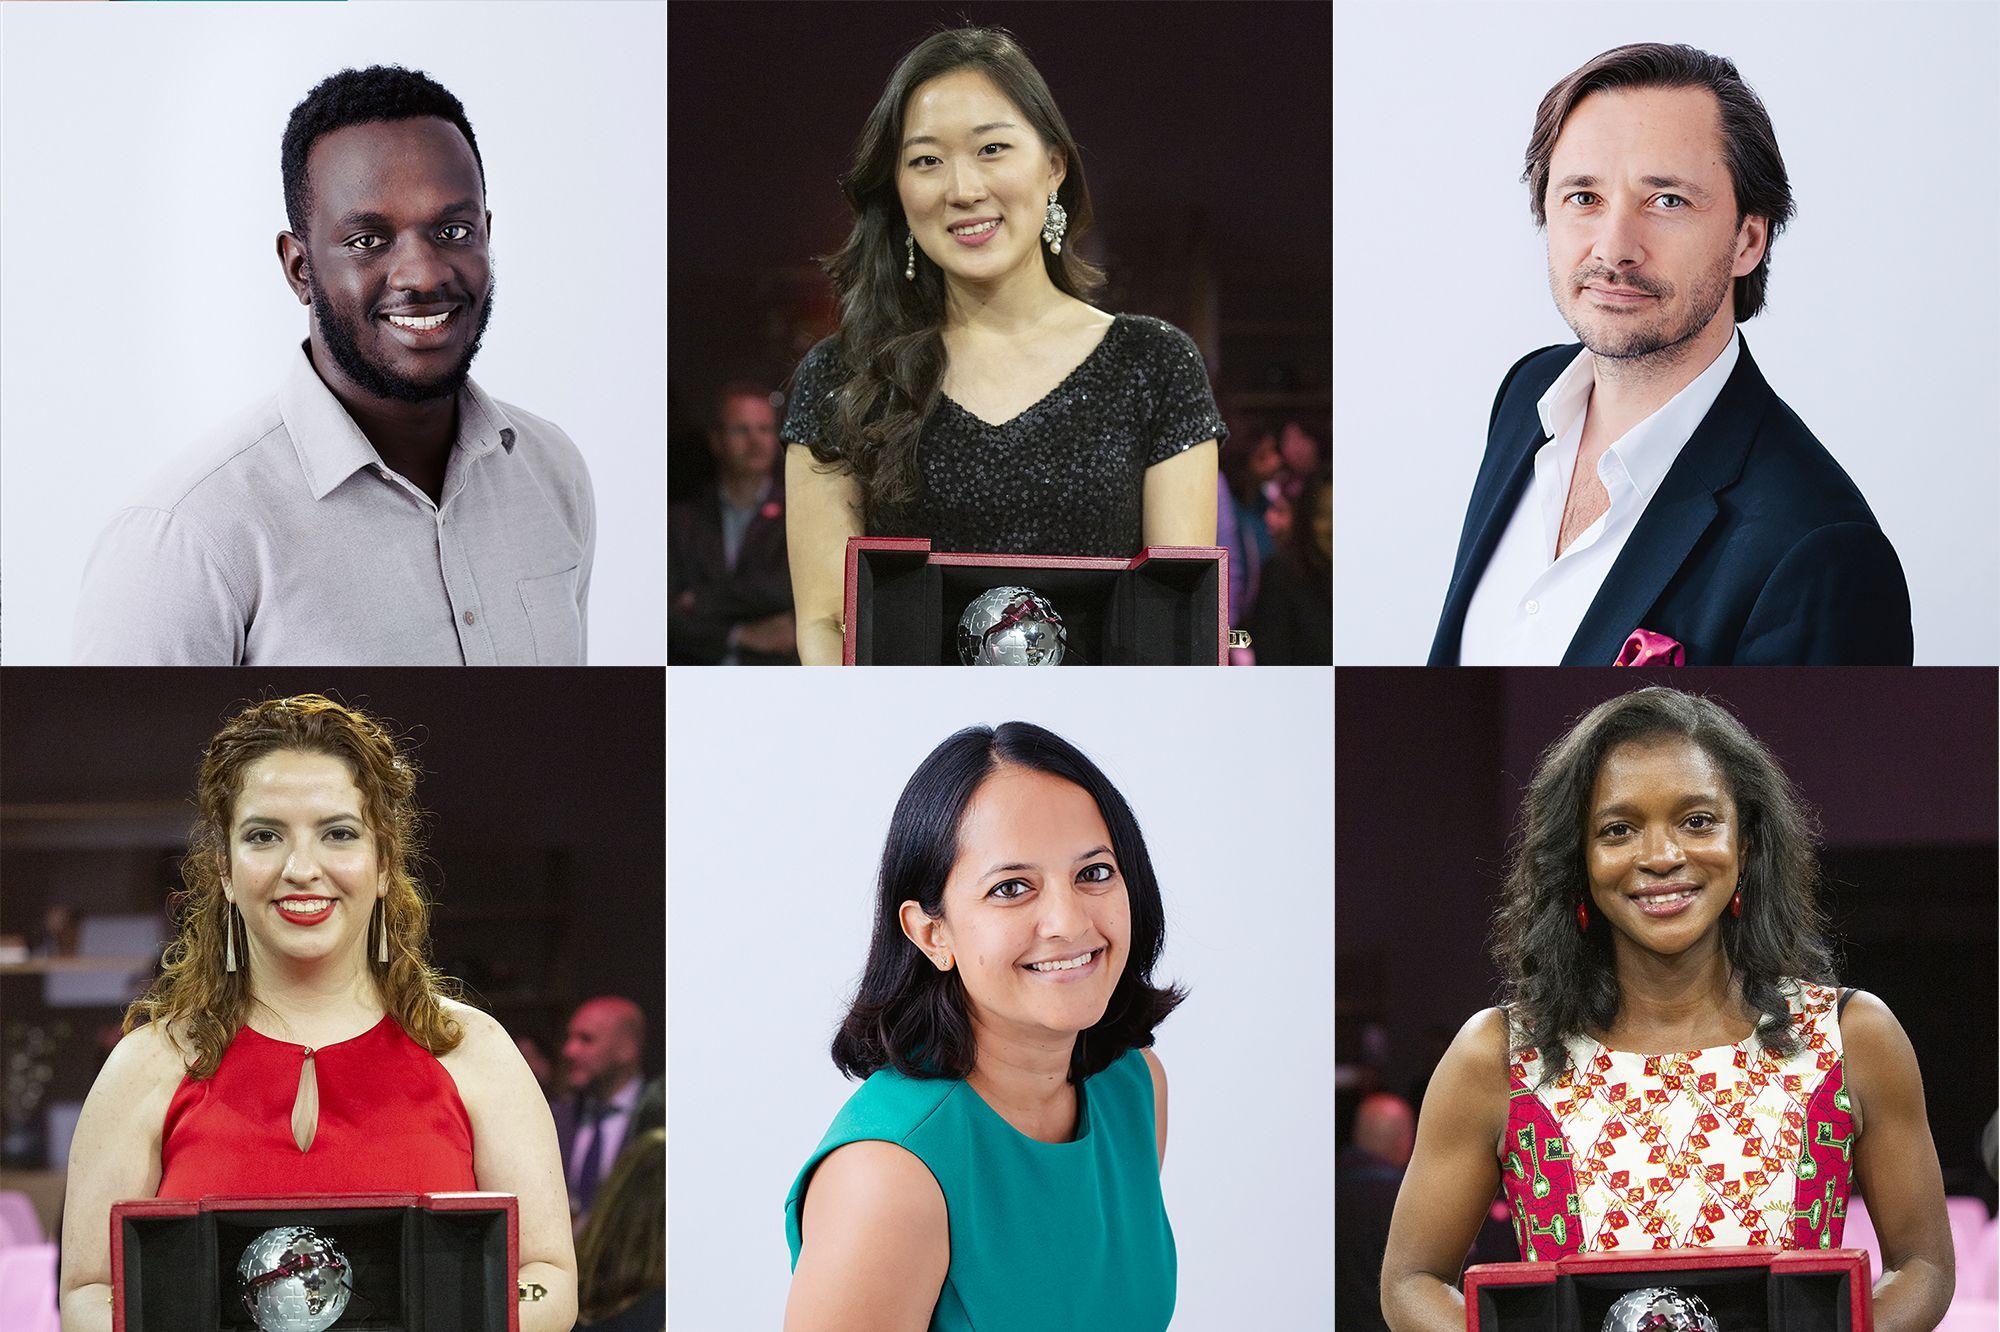 改變世界的一群人!Rolex雄才偉略大獎、Cartier靈思湧動女性創業家獎,體現人類共創美好世界的無限可能